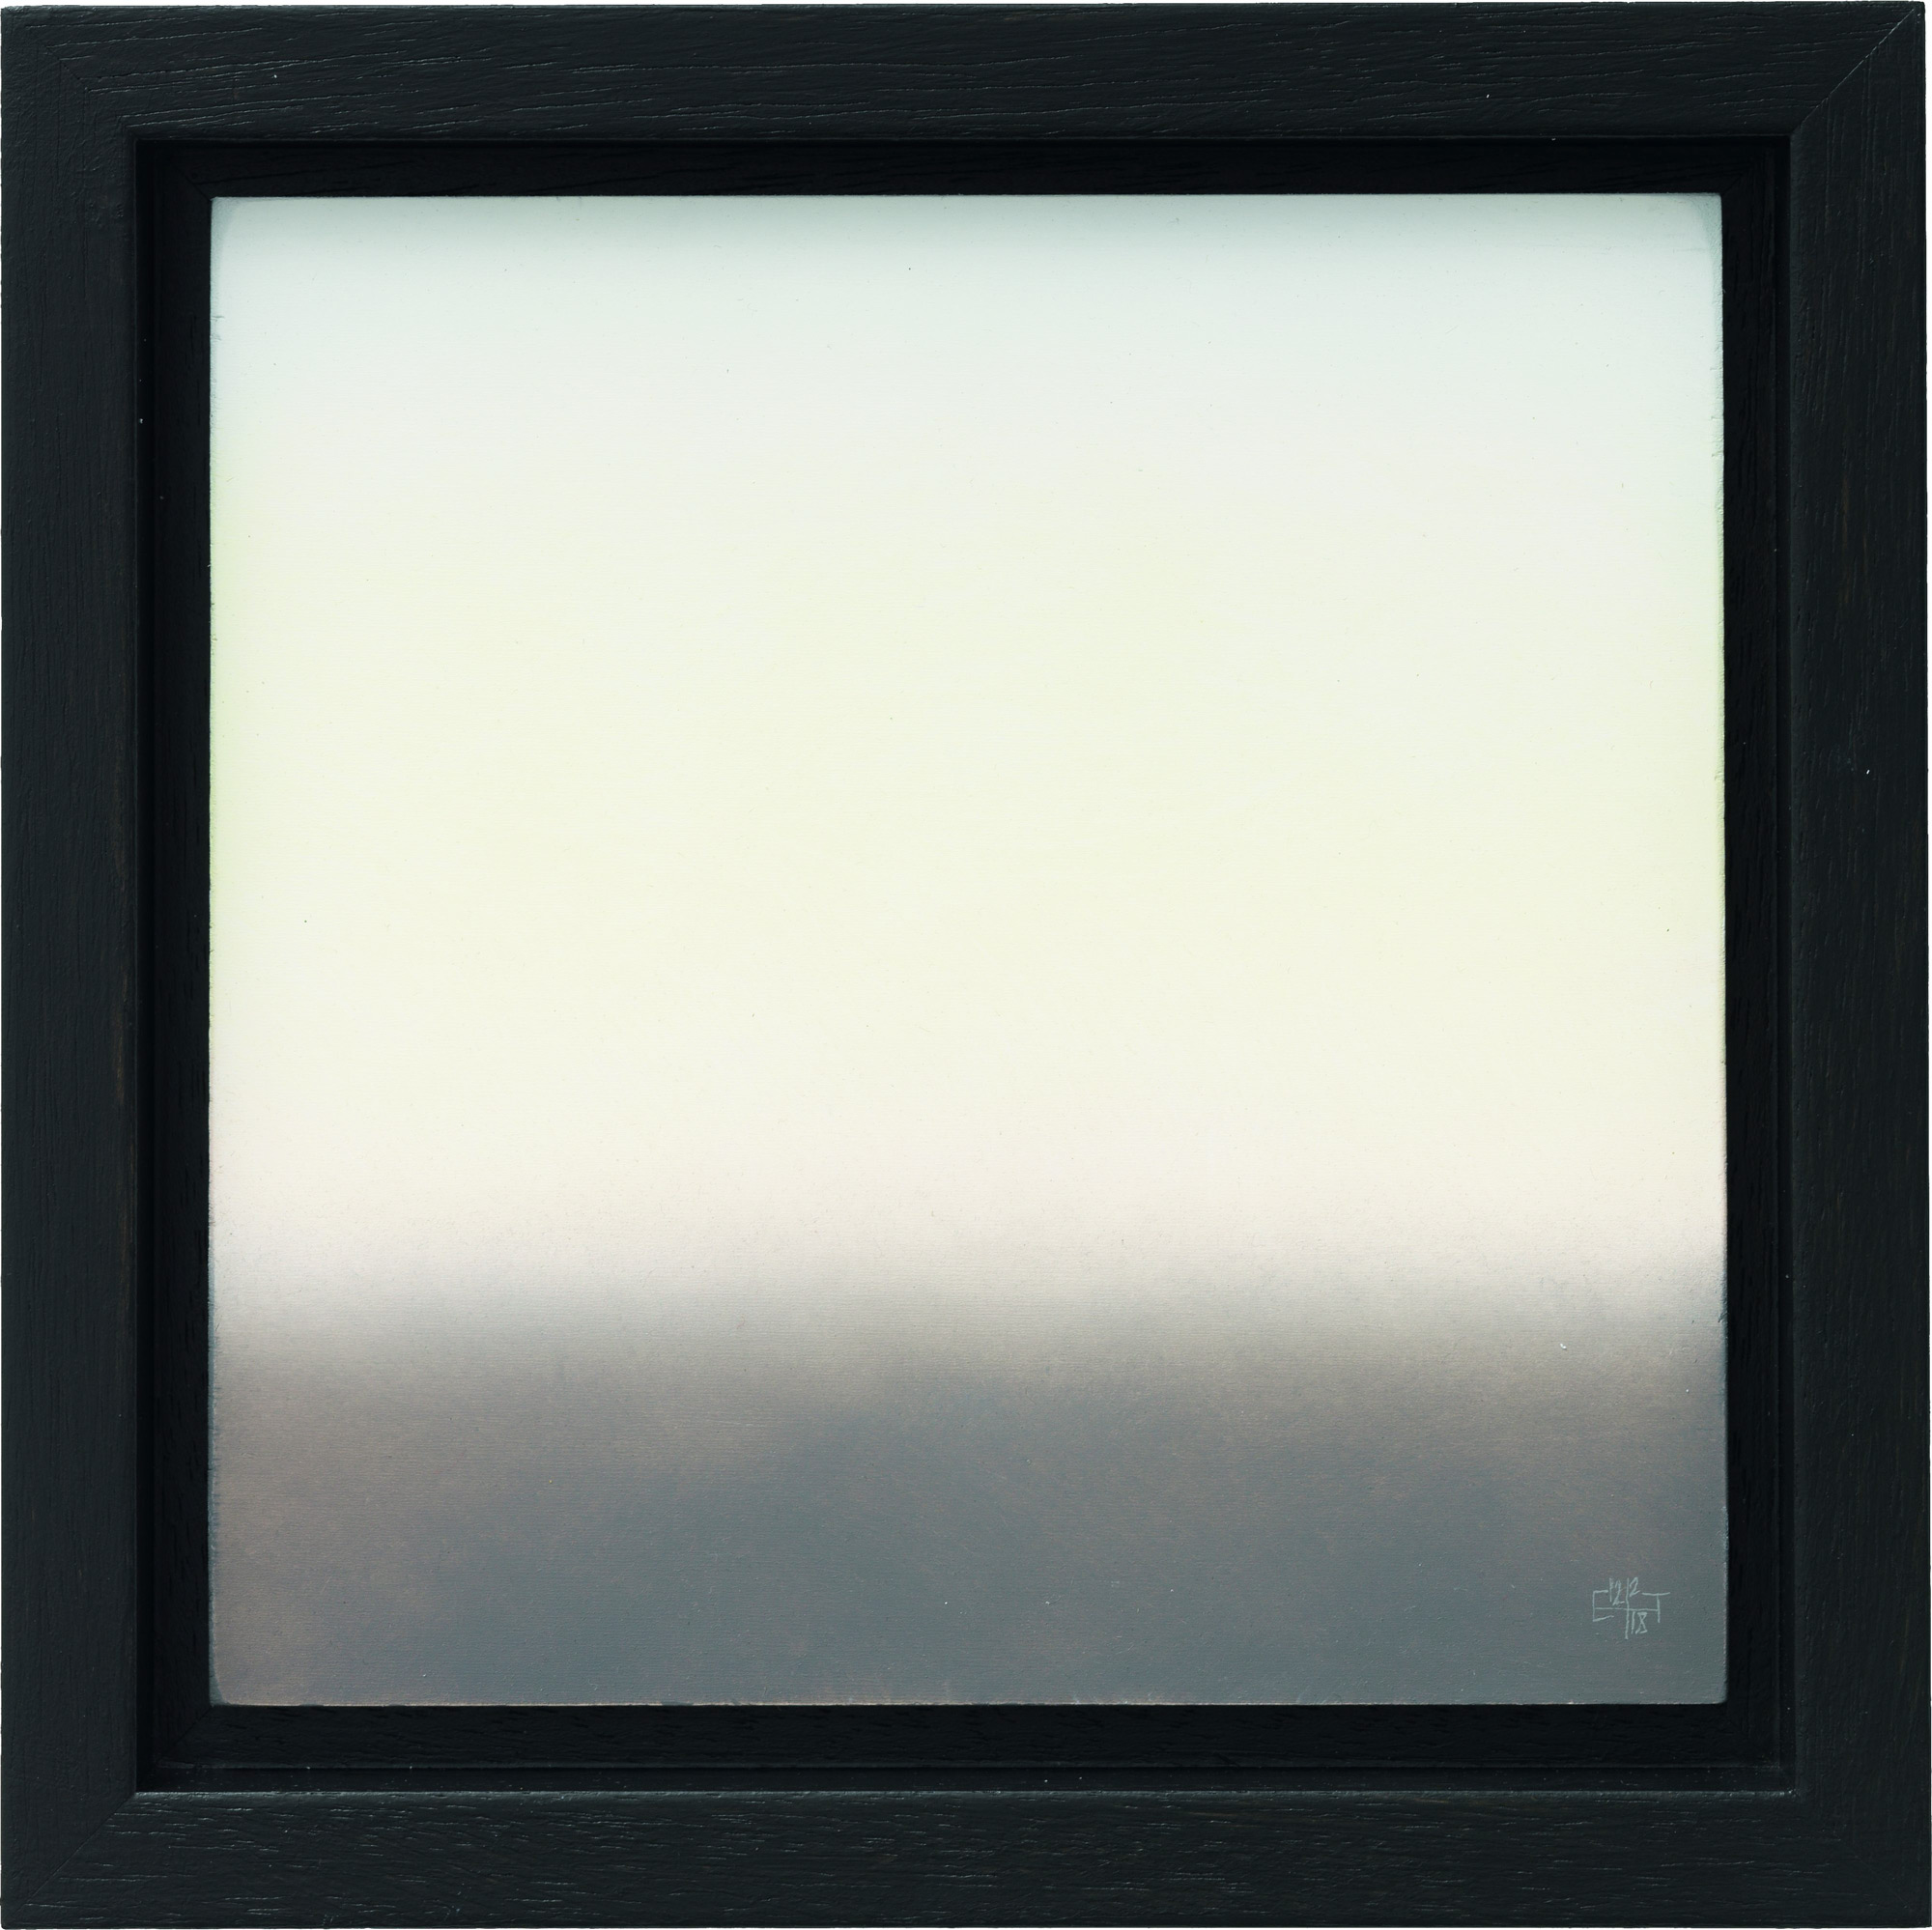 """Bild """"Himmel vom 15.10.2017, 08:18"""" (2018) (Unikat)"""